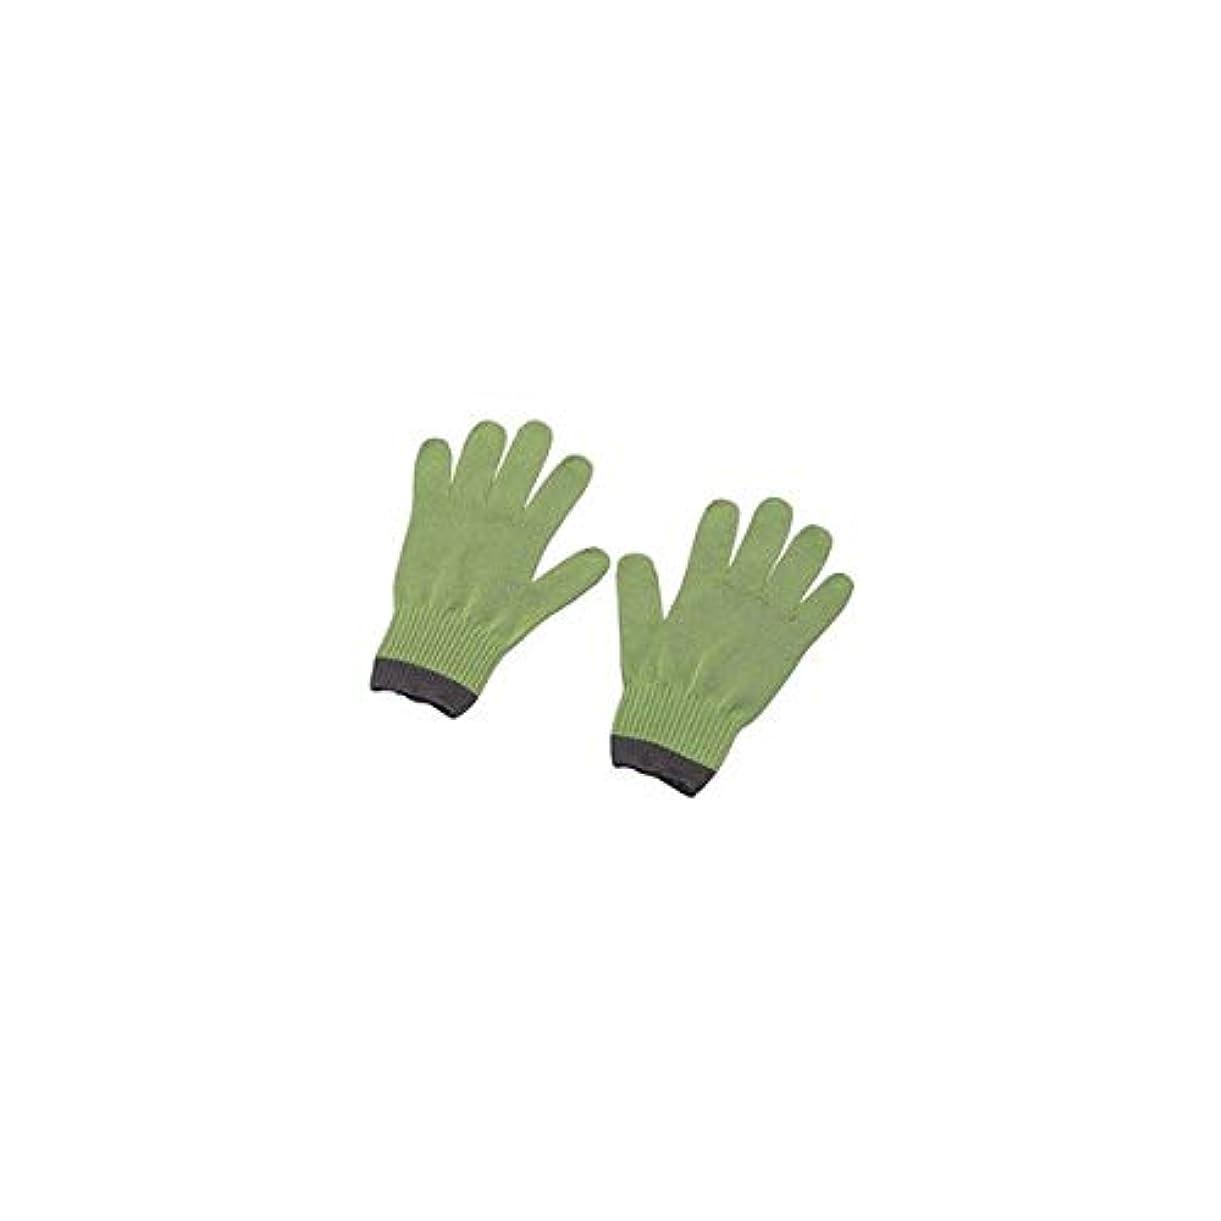 稼ぐ悲惨な手首アラミド手袋MEGG-90 洗剤?消耗品 CD:378203